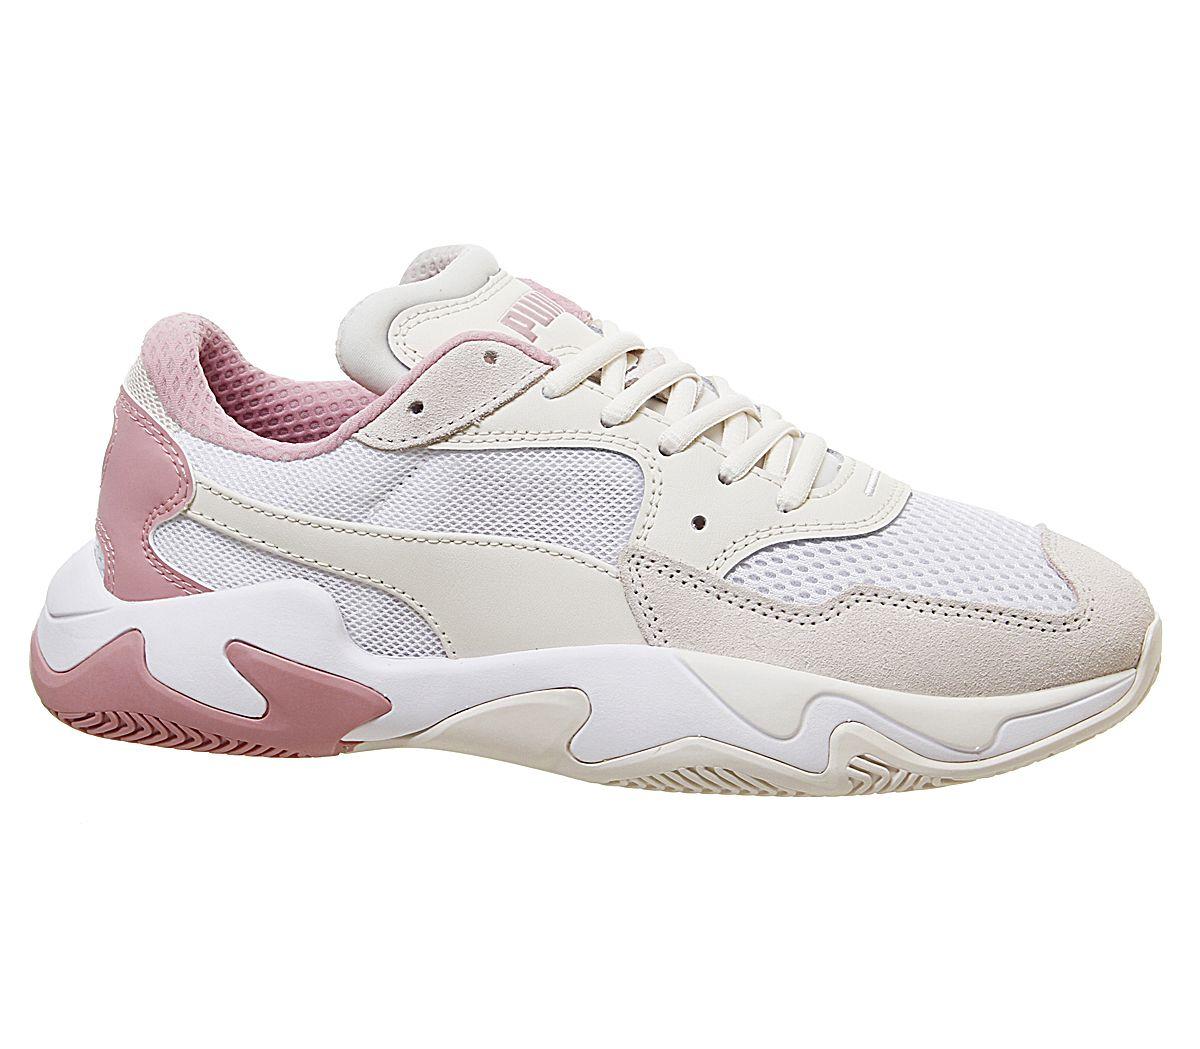 Details about Womens Puma Storm Trainers Pastel Parchment Puma White Trainers Shoes